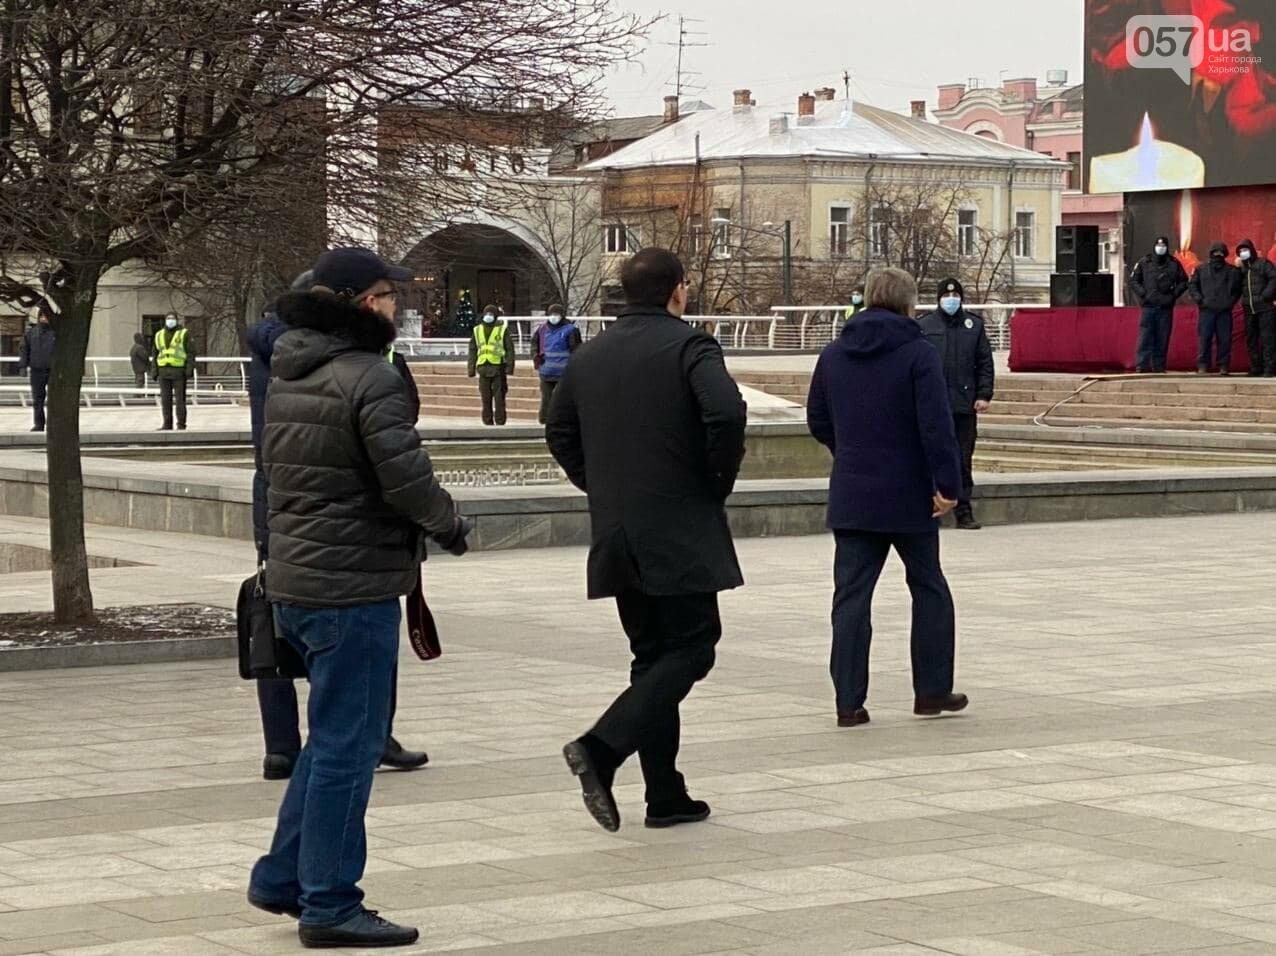 Похороны Геннадия Кернеса. Как прощаются с мэром Харькова, - ОНЛАЙН-ТРАНСЛЯЦИЯ, фото-37